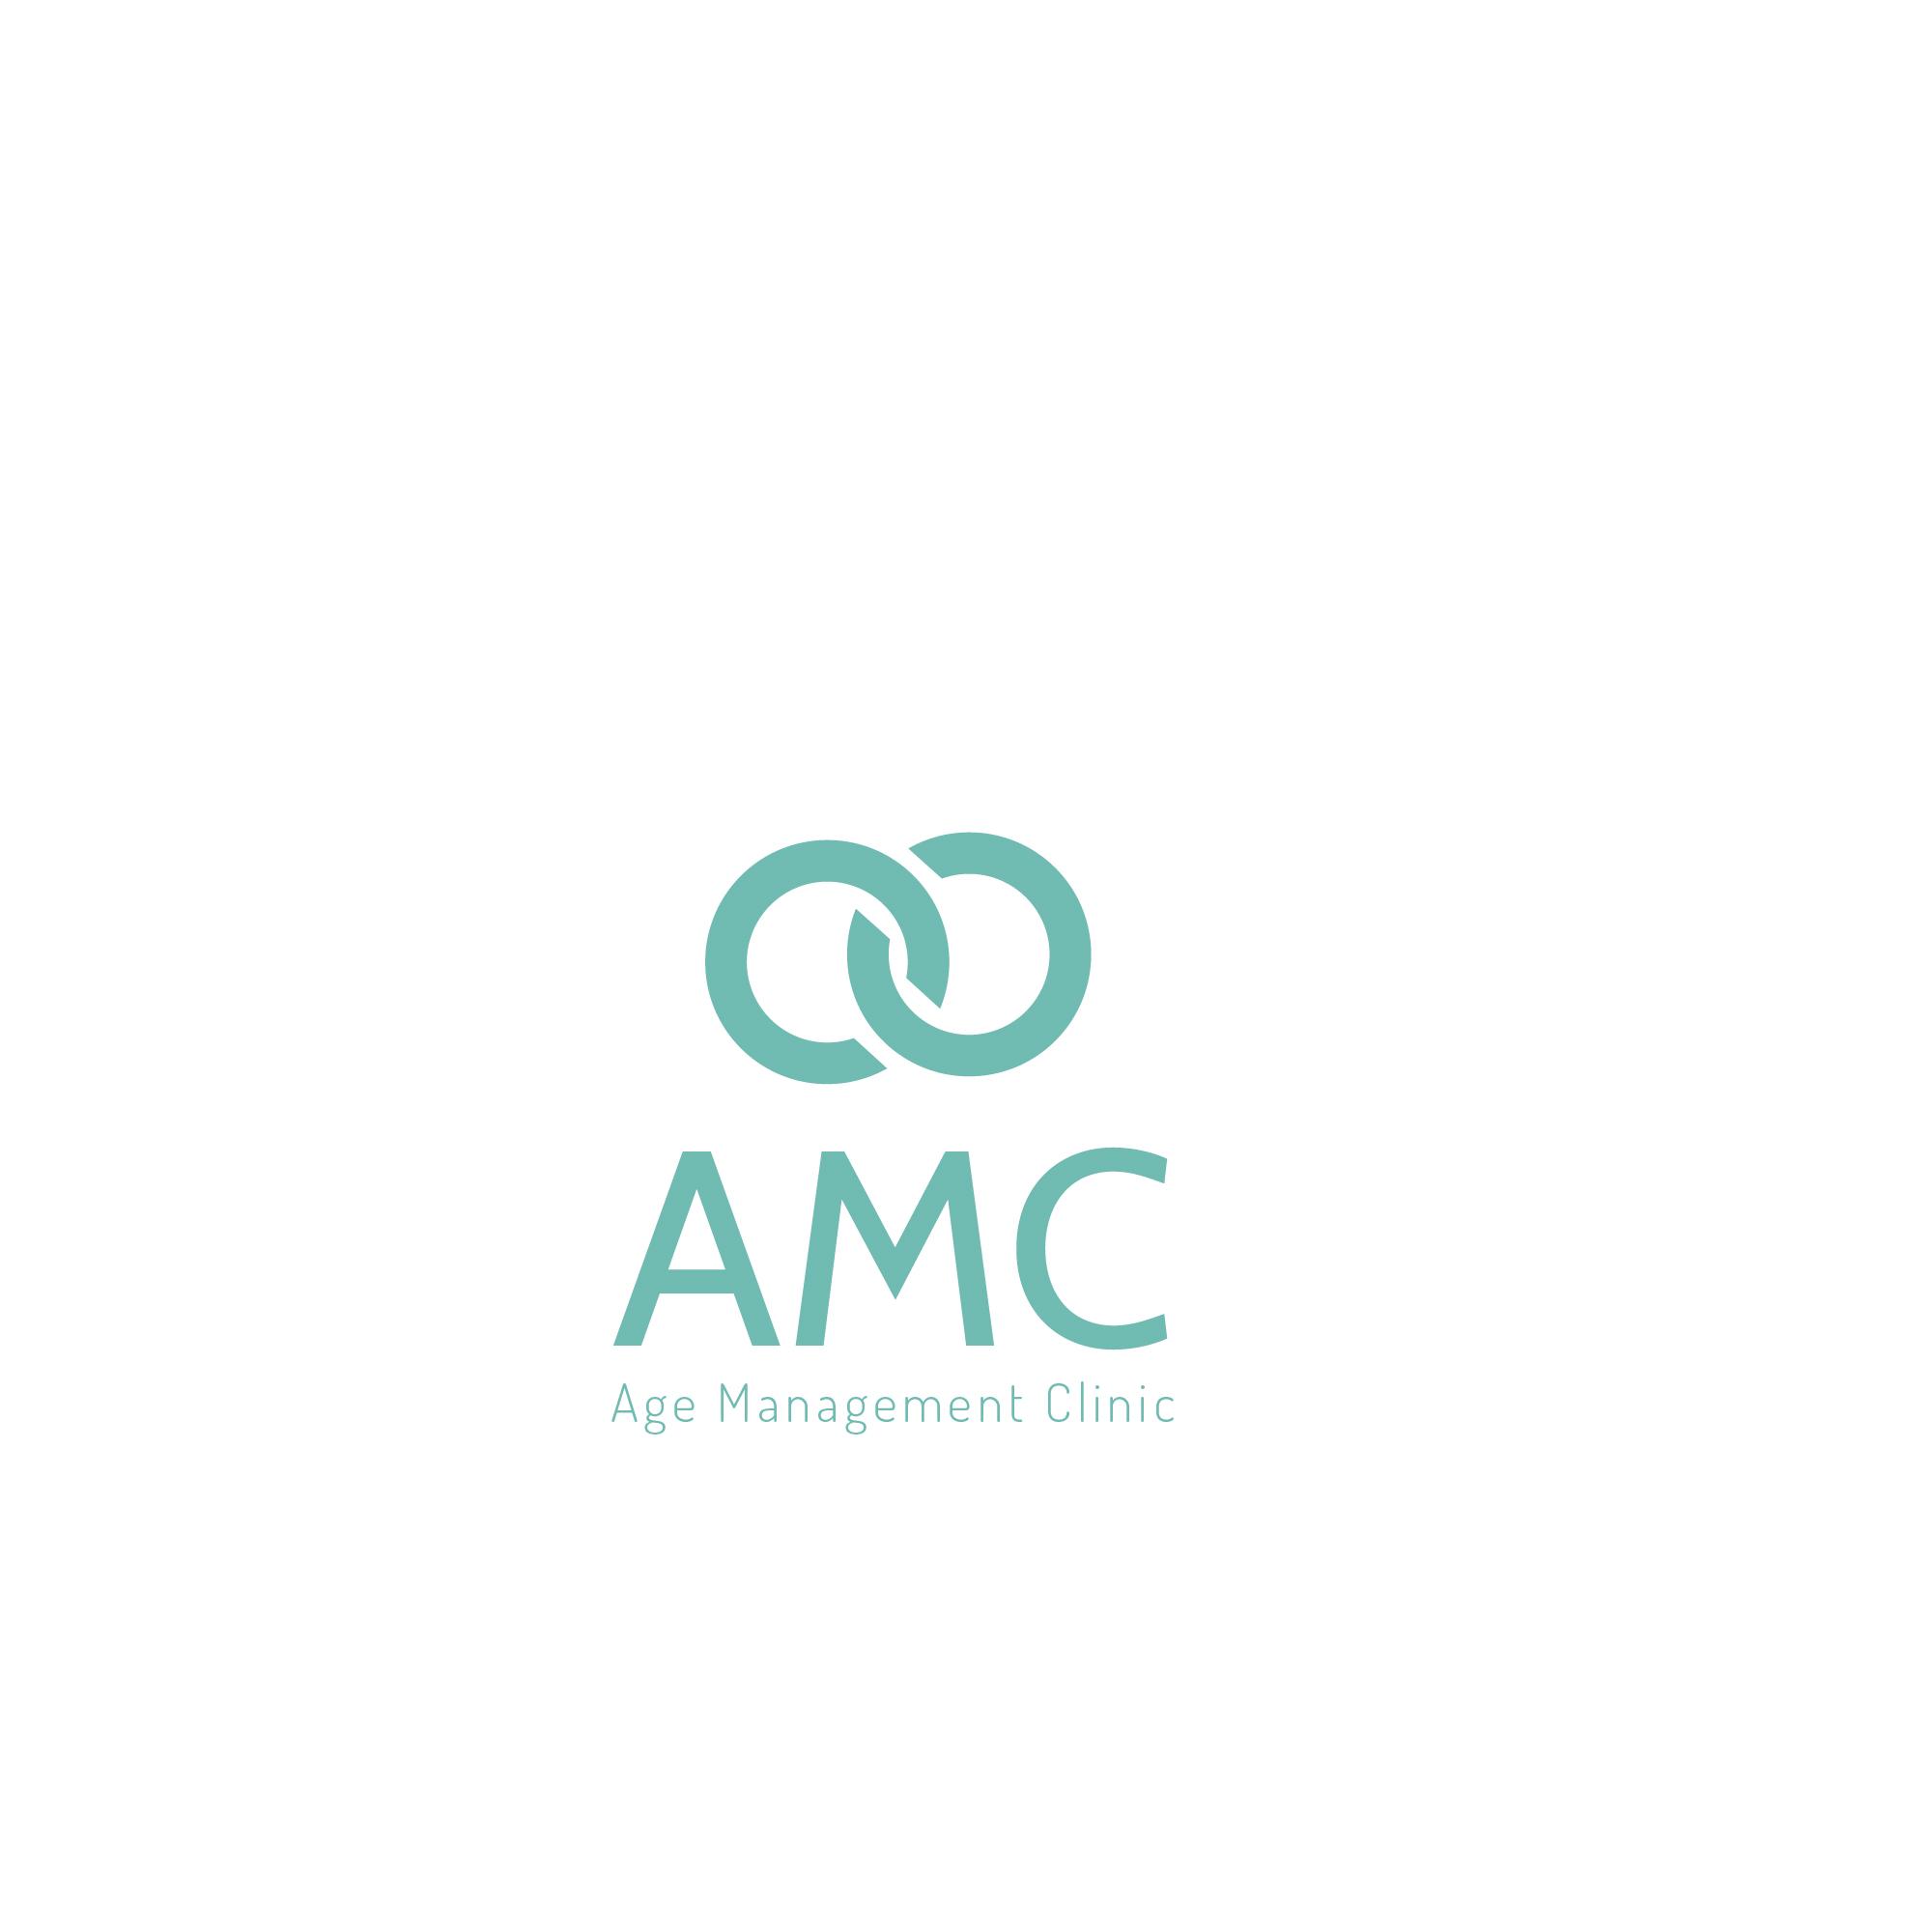 Логотип для медицинского центра (клиники)  фото f_8185b9c05254d9bd.jpg